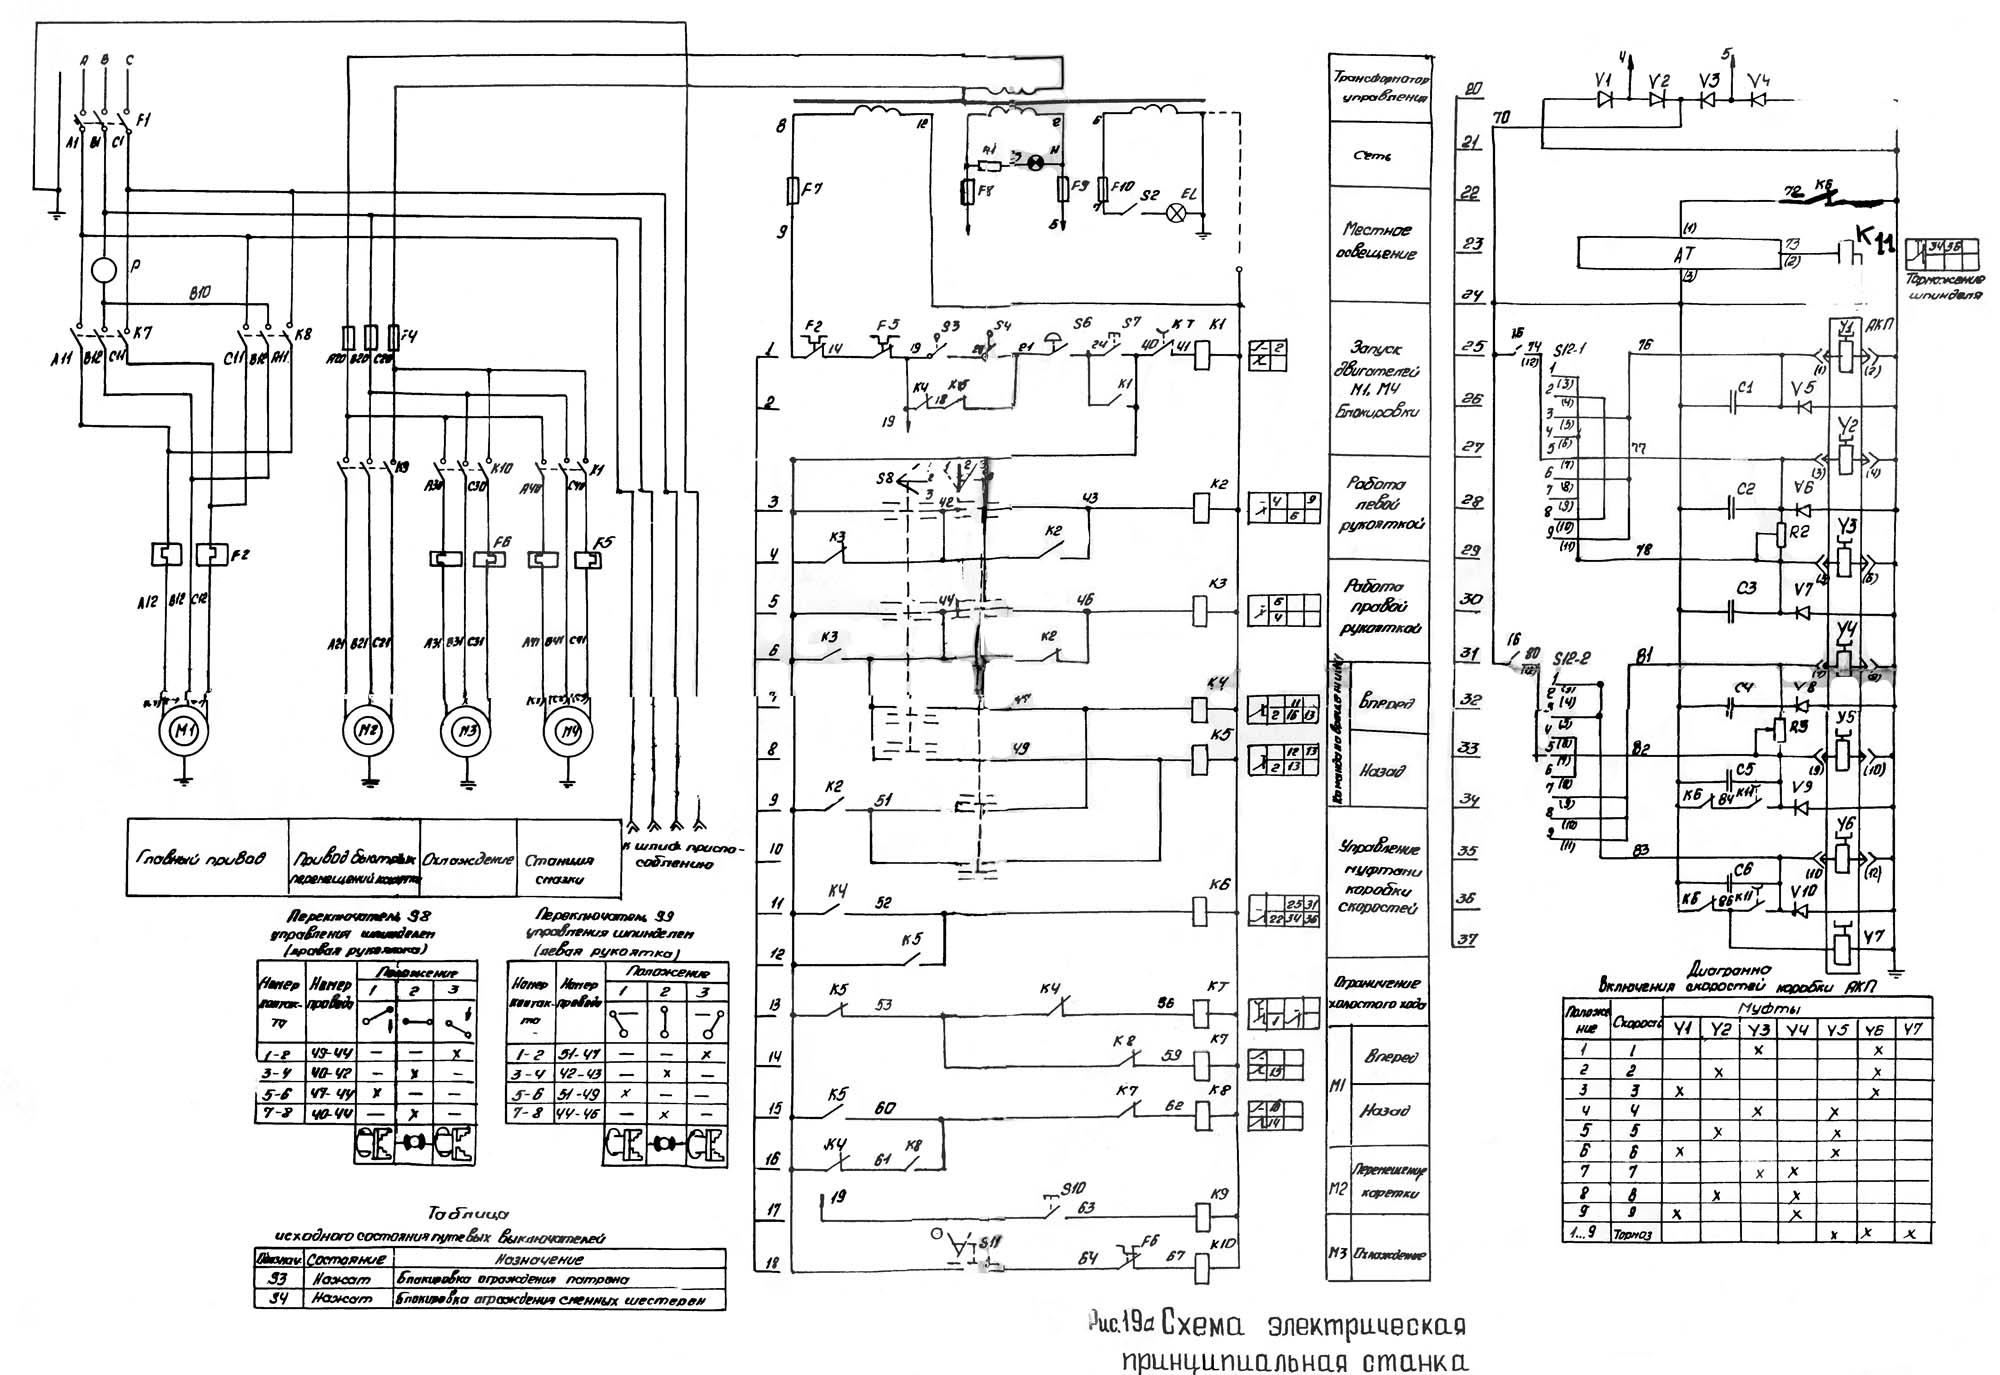 Принципиальная схема станка 16е16кп